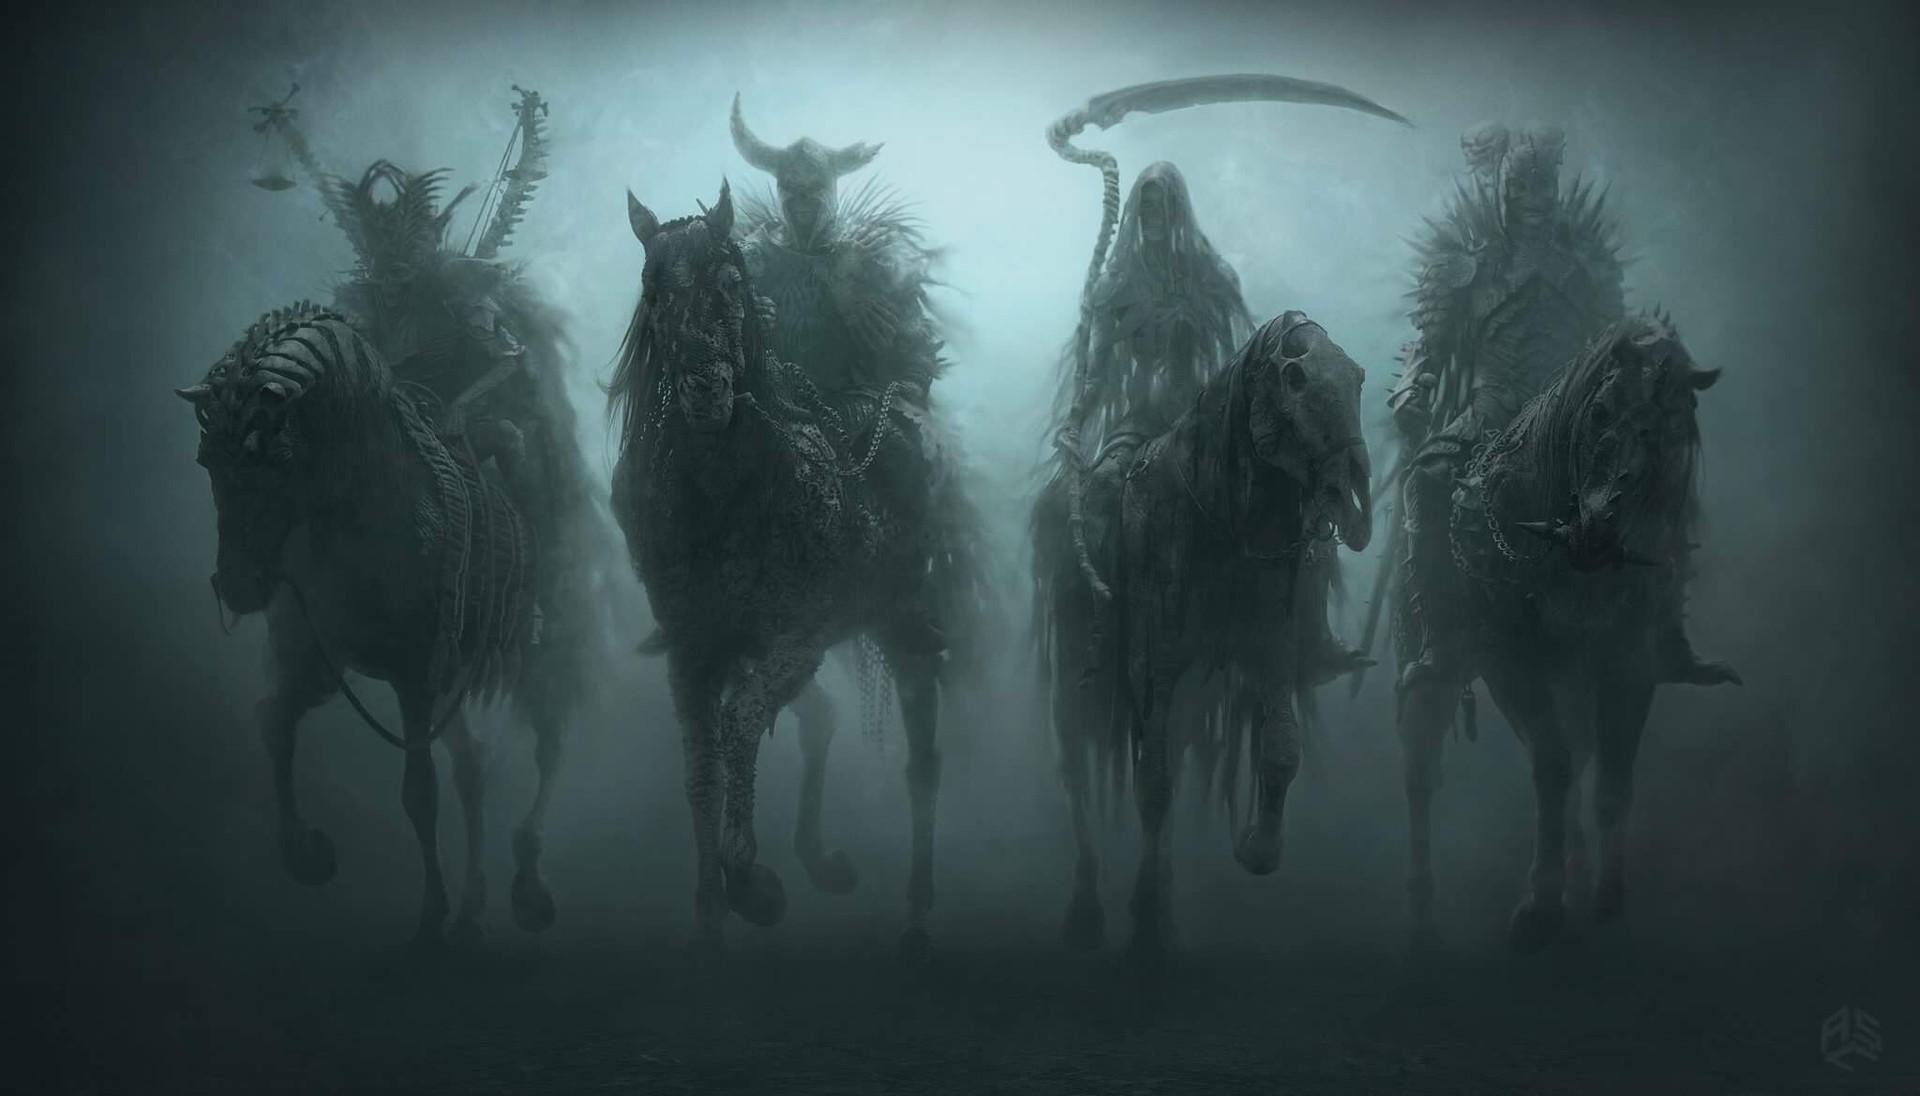 horsemen_of_the_apocalypse.jpg